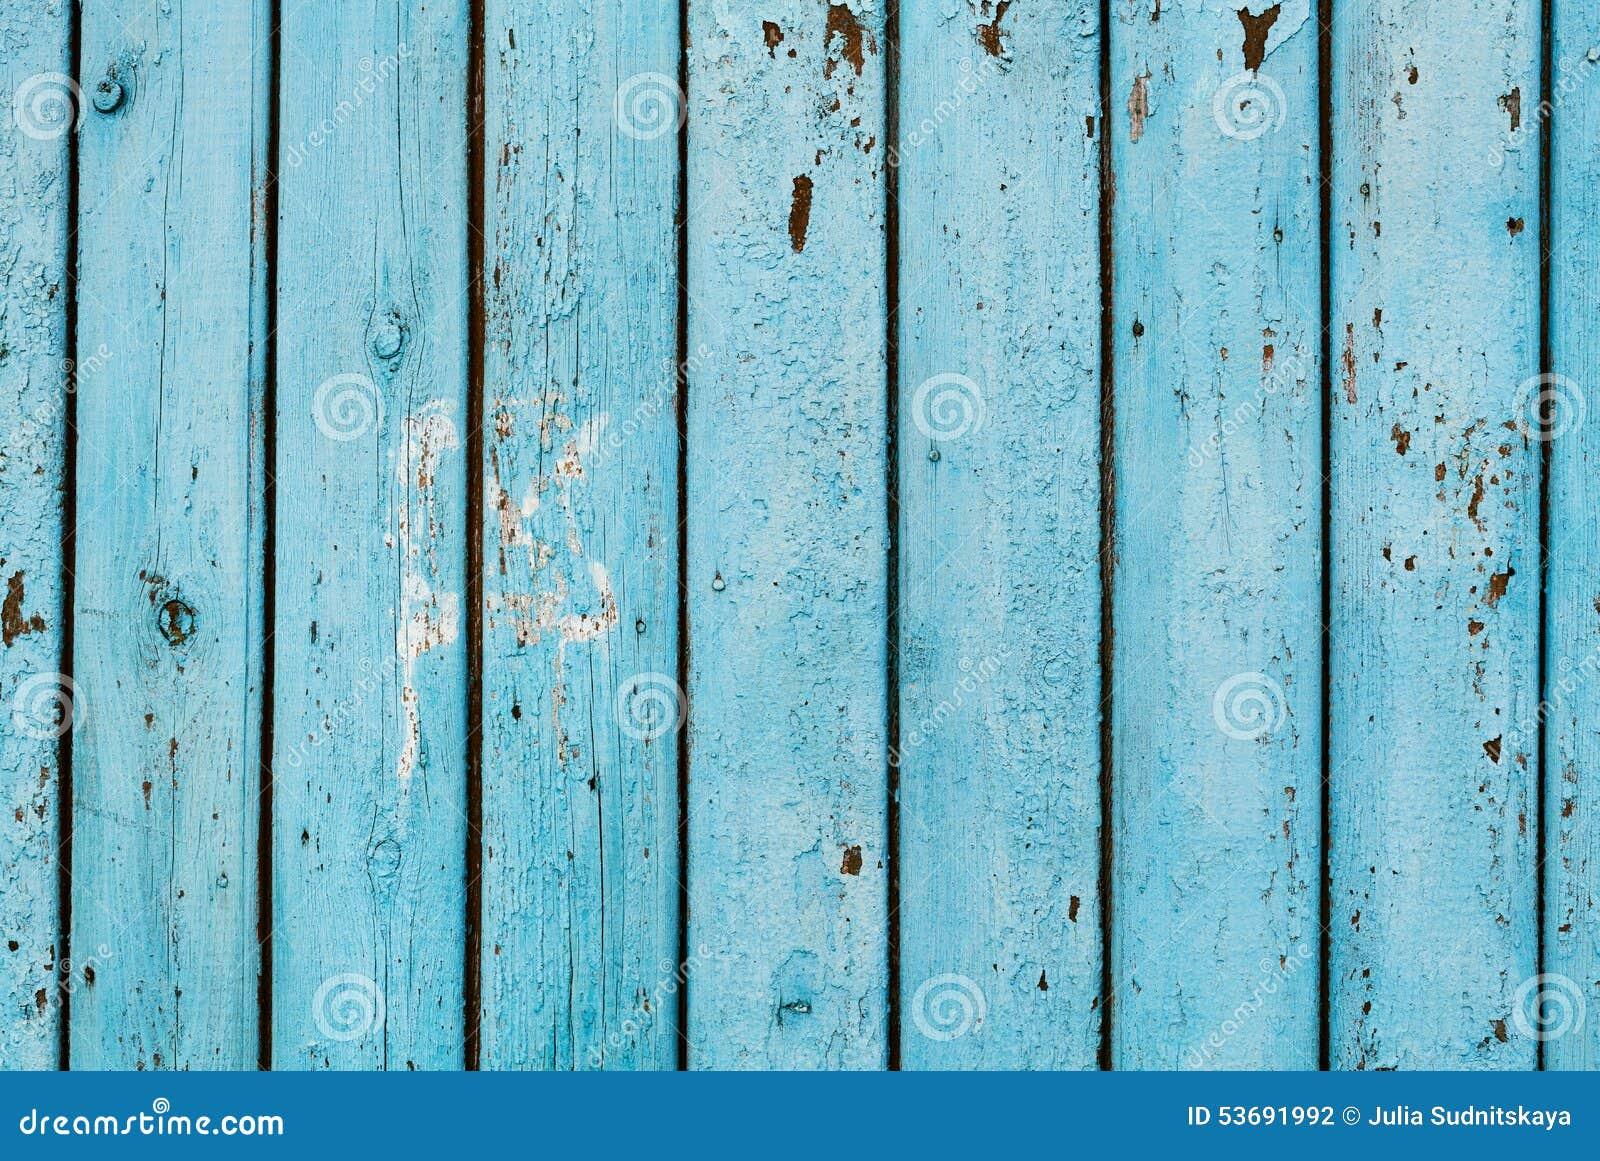 Fondo de madera del tablero azul vintage foto